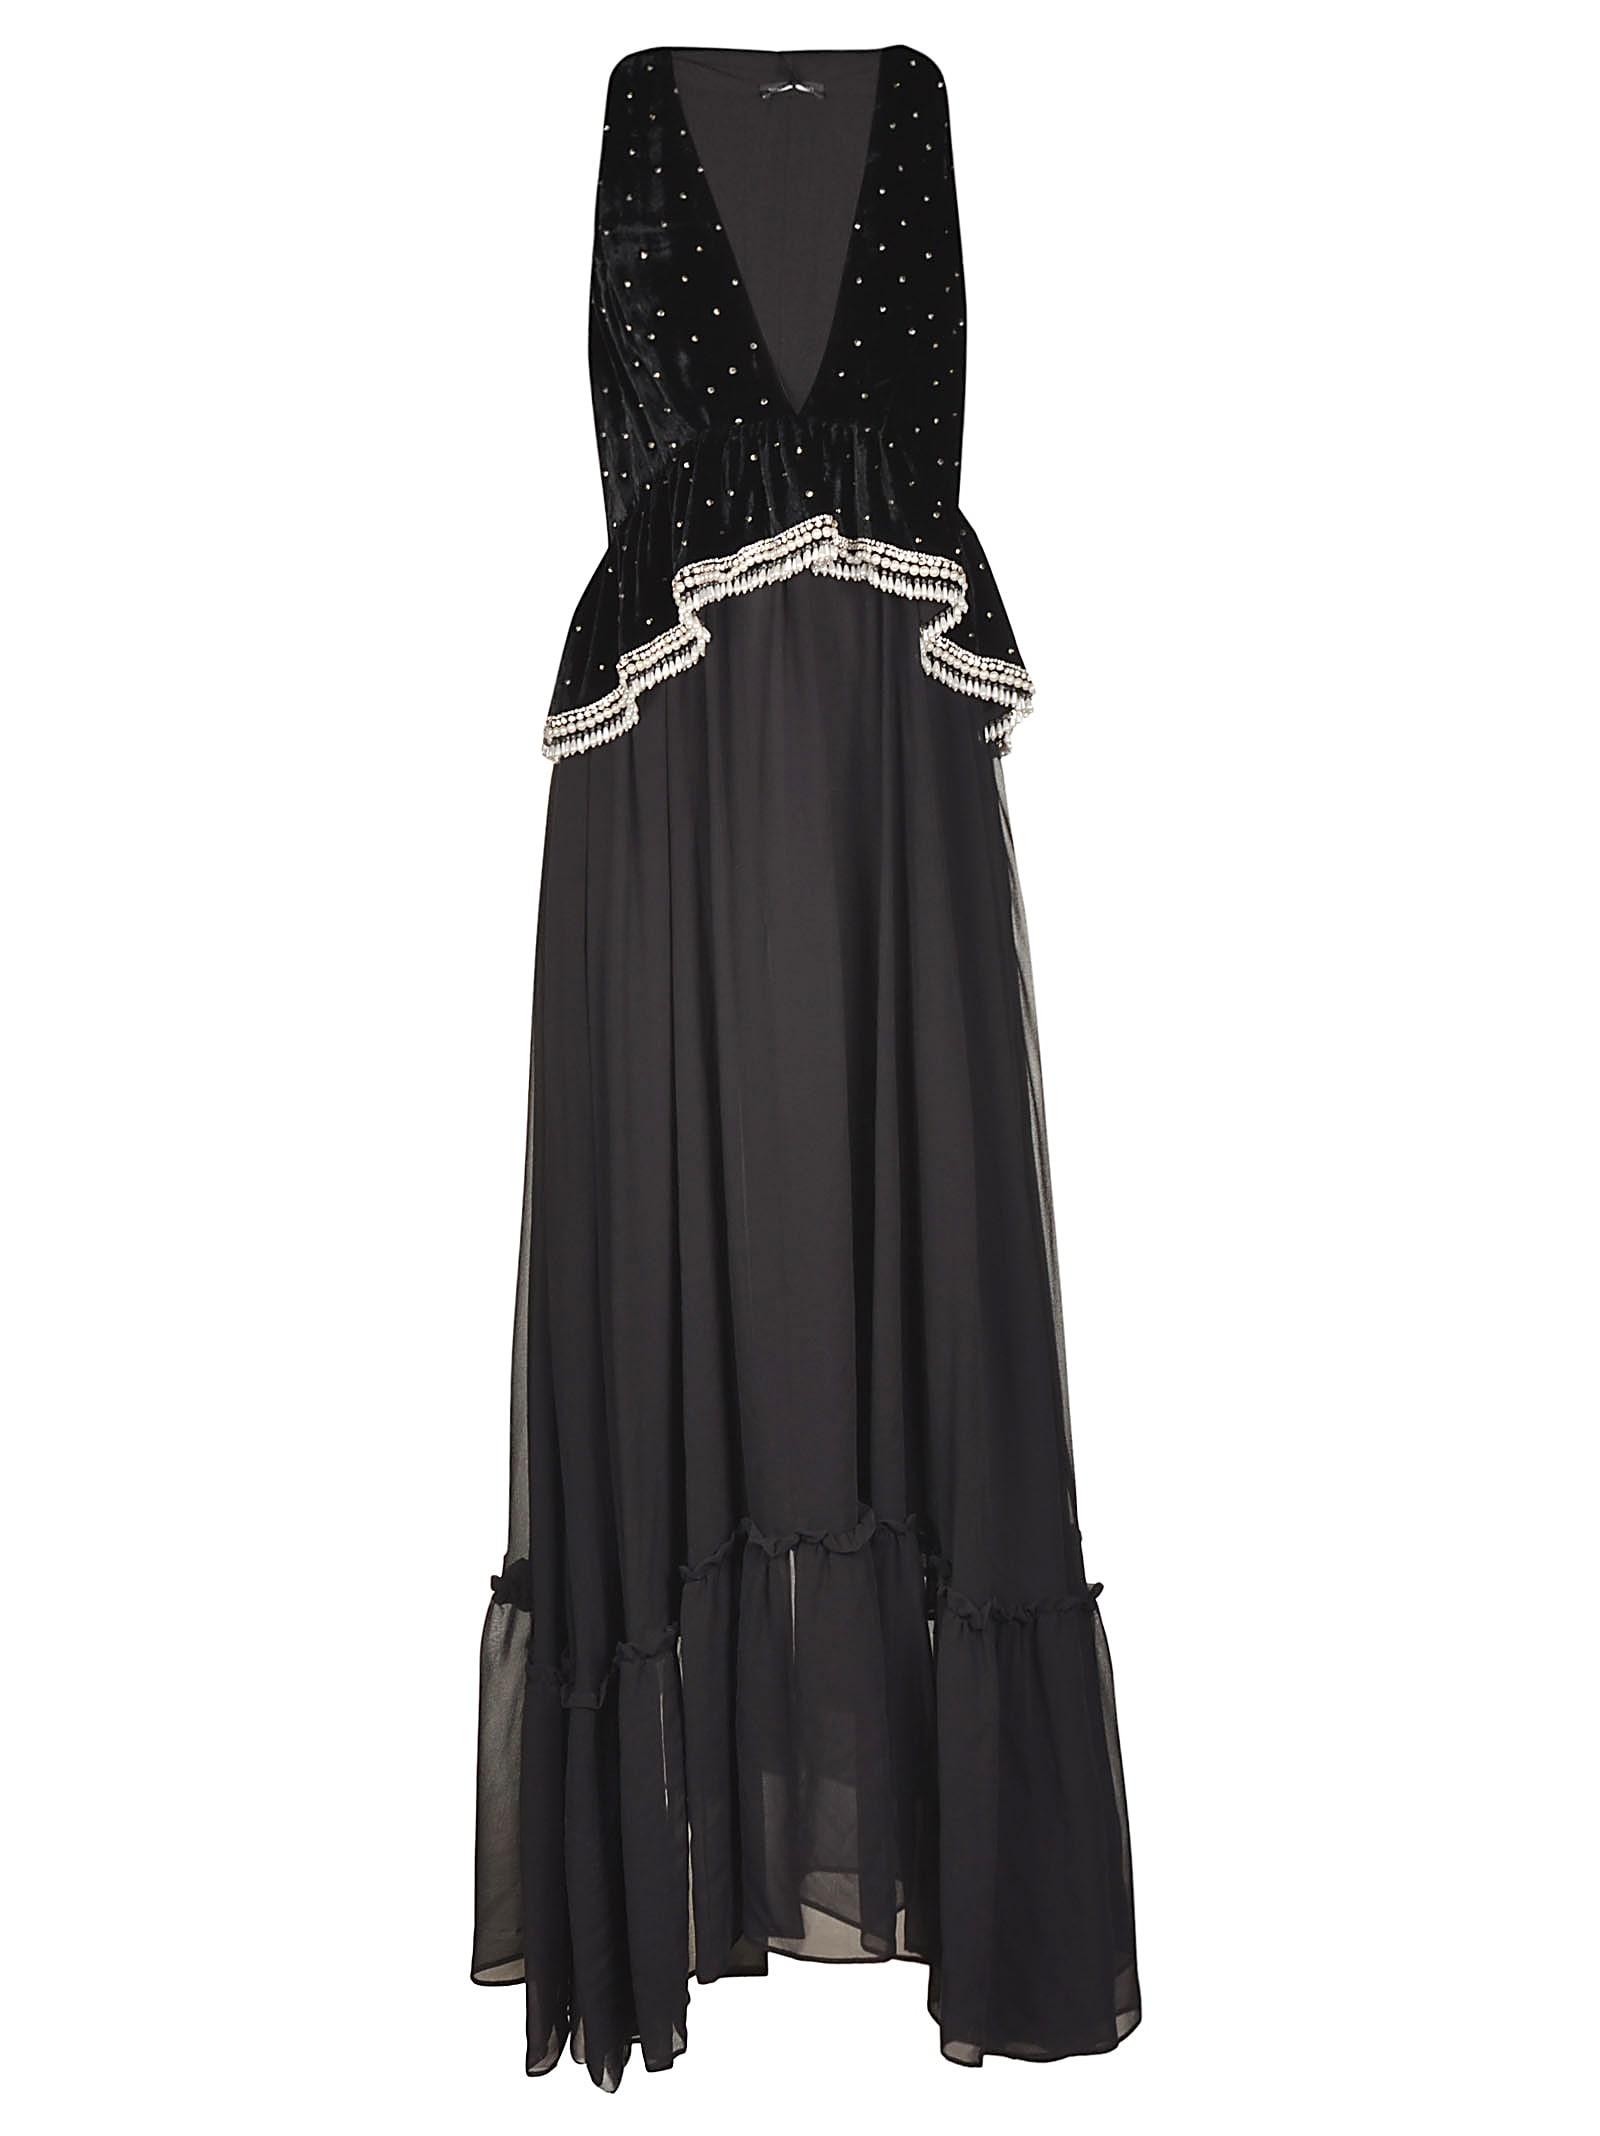 WANDERING Embellished Sleeveless Long Dress